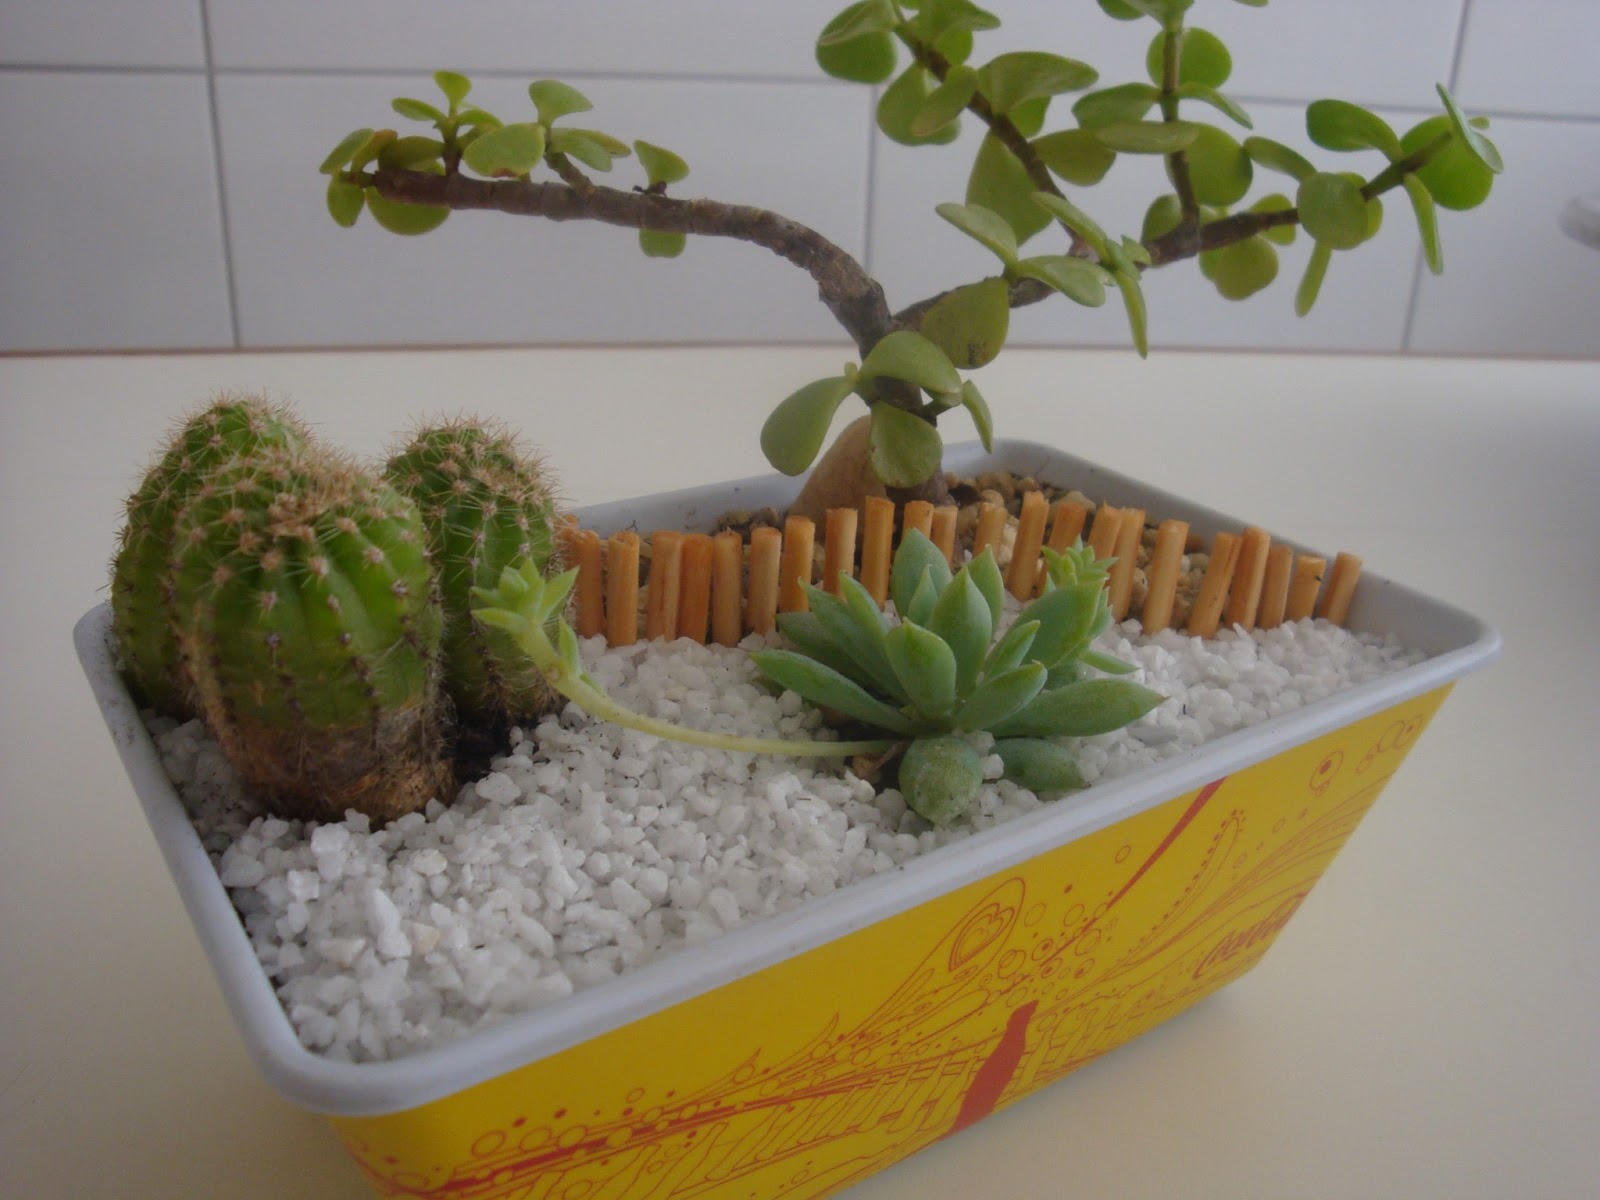 mini jardim reciclado:Se você quer fazer um mini-jardim, use o que tiver a mão, um pote